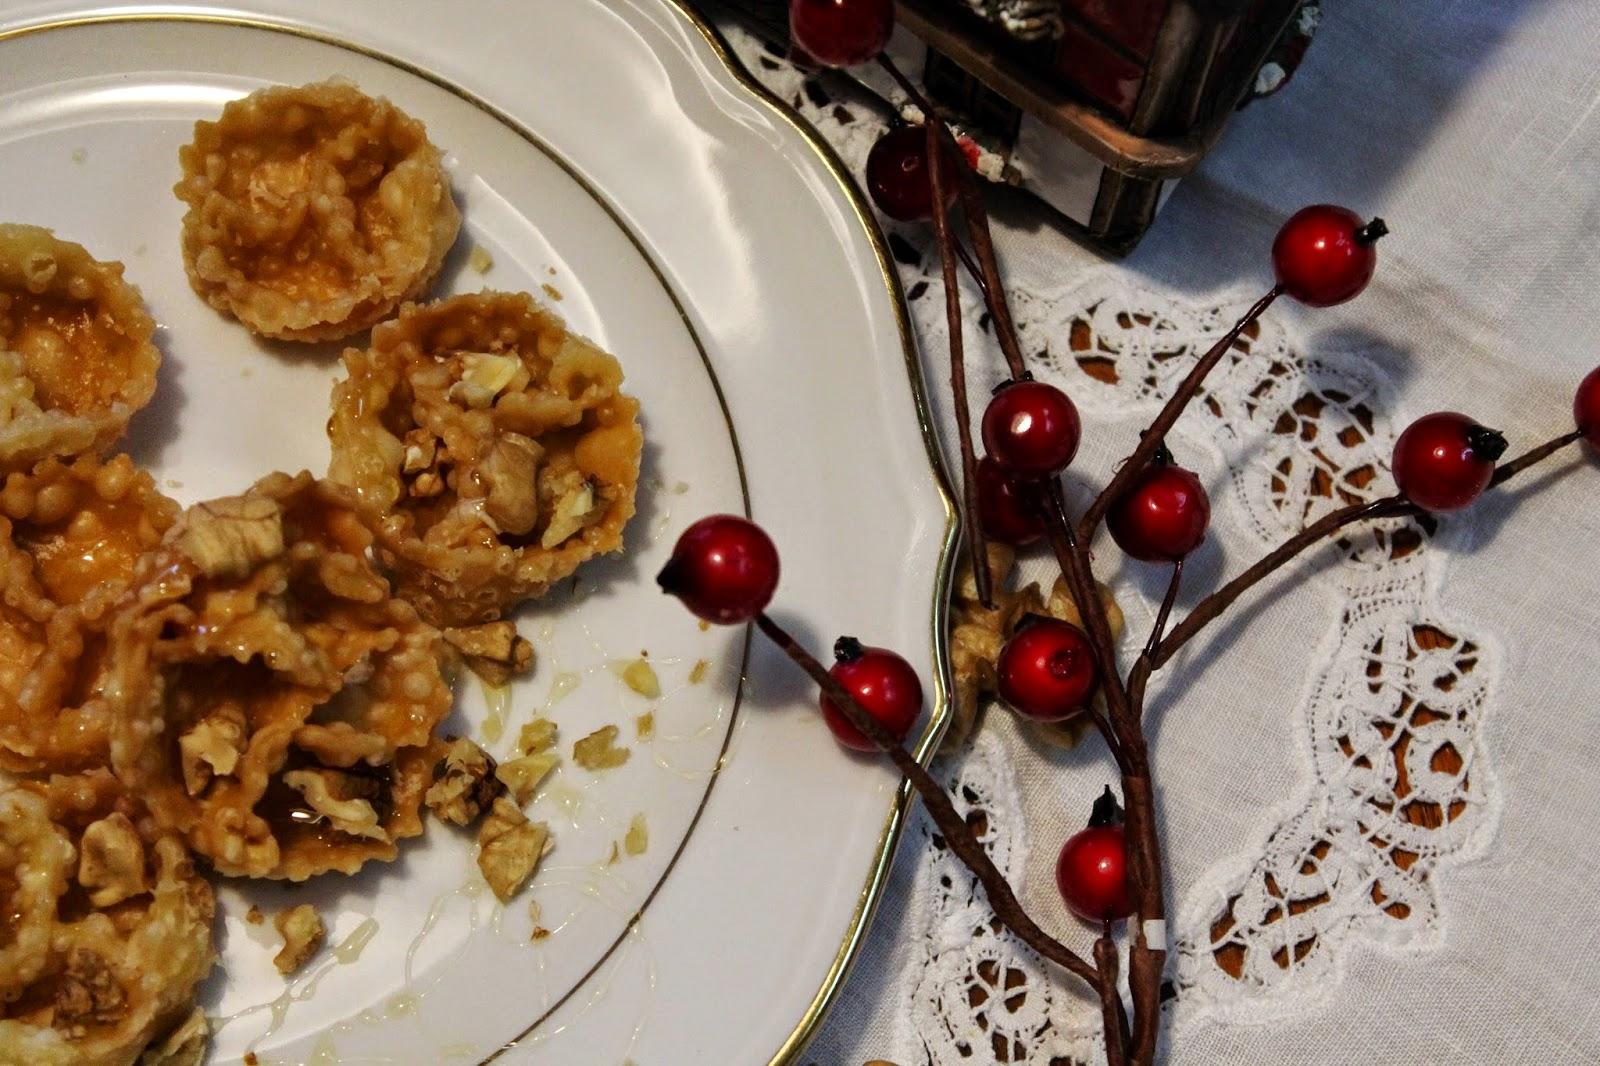 Rose natalizie con miele e noci